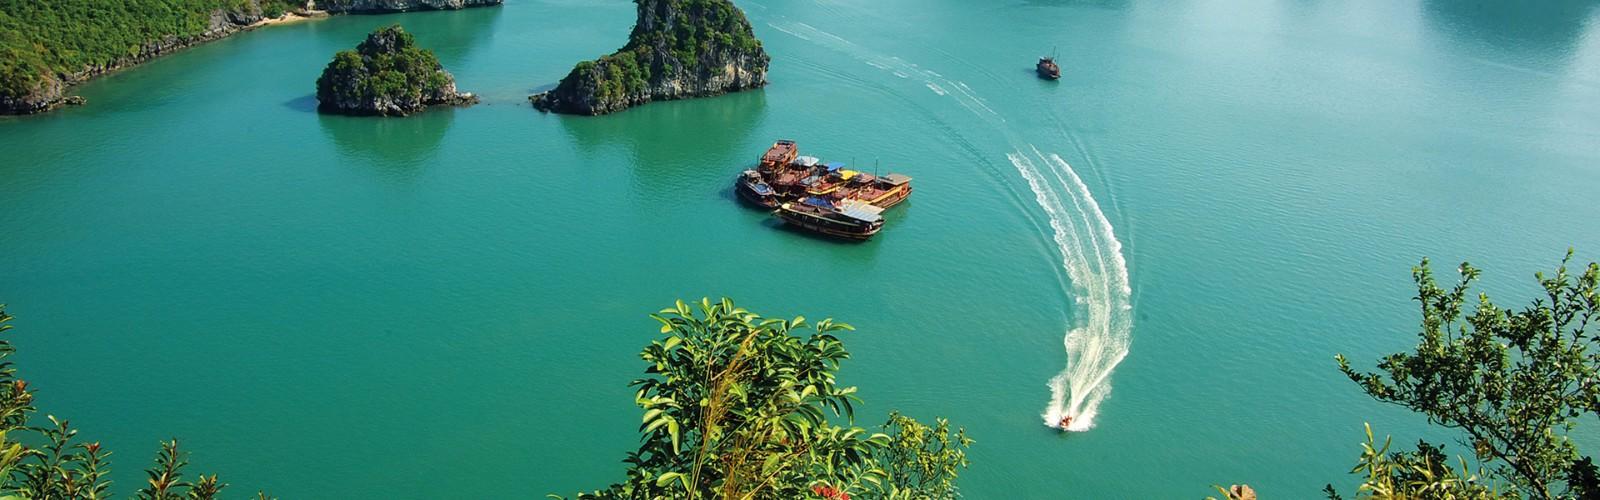 Vietnam Impressions Vietnam Tour Wendy Wu Tours